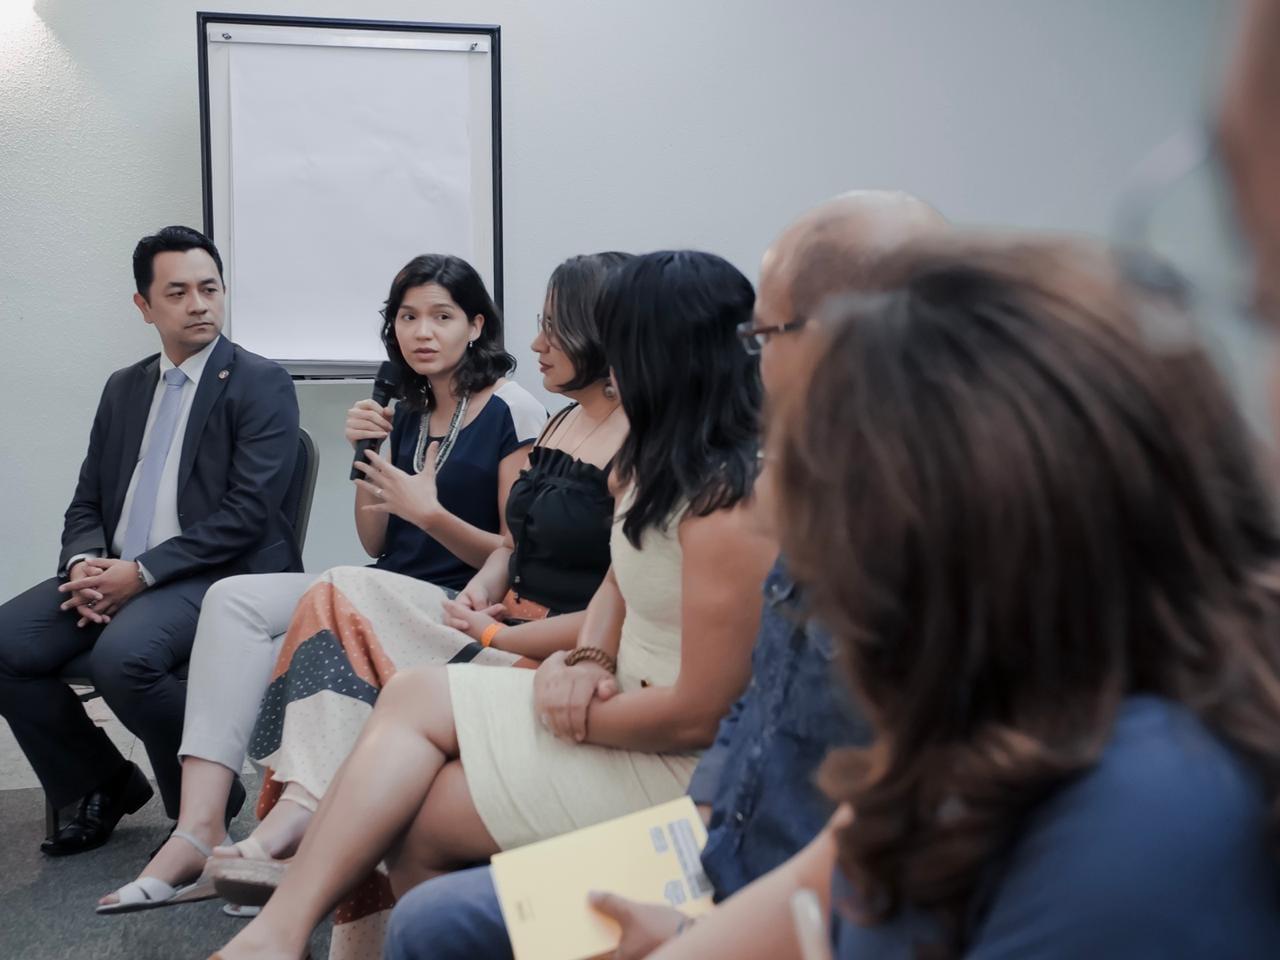 oficina 4 - Oficina discute participação, transparência e inovação na gestão fundiária estadual